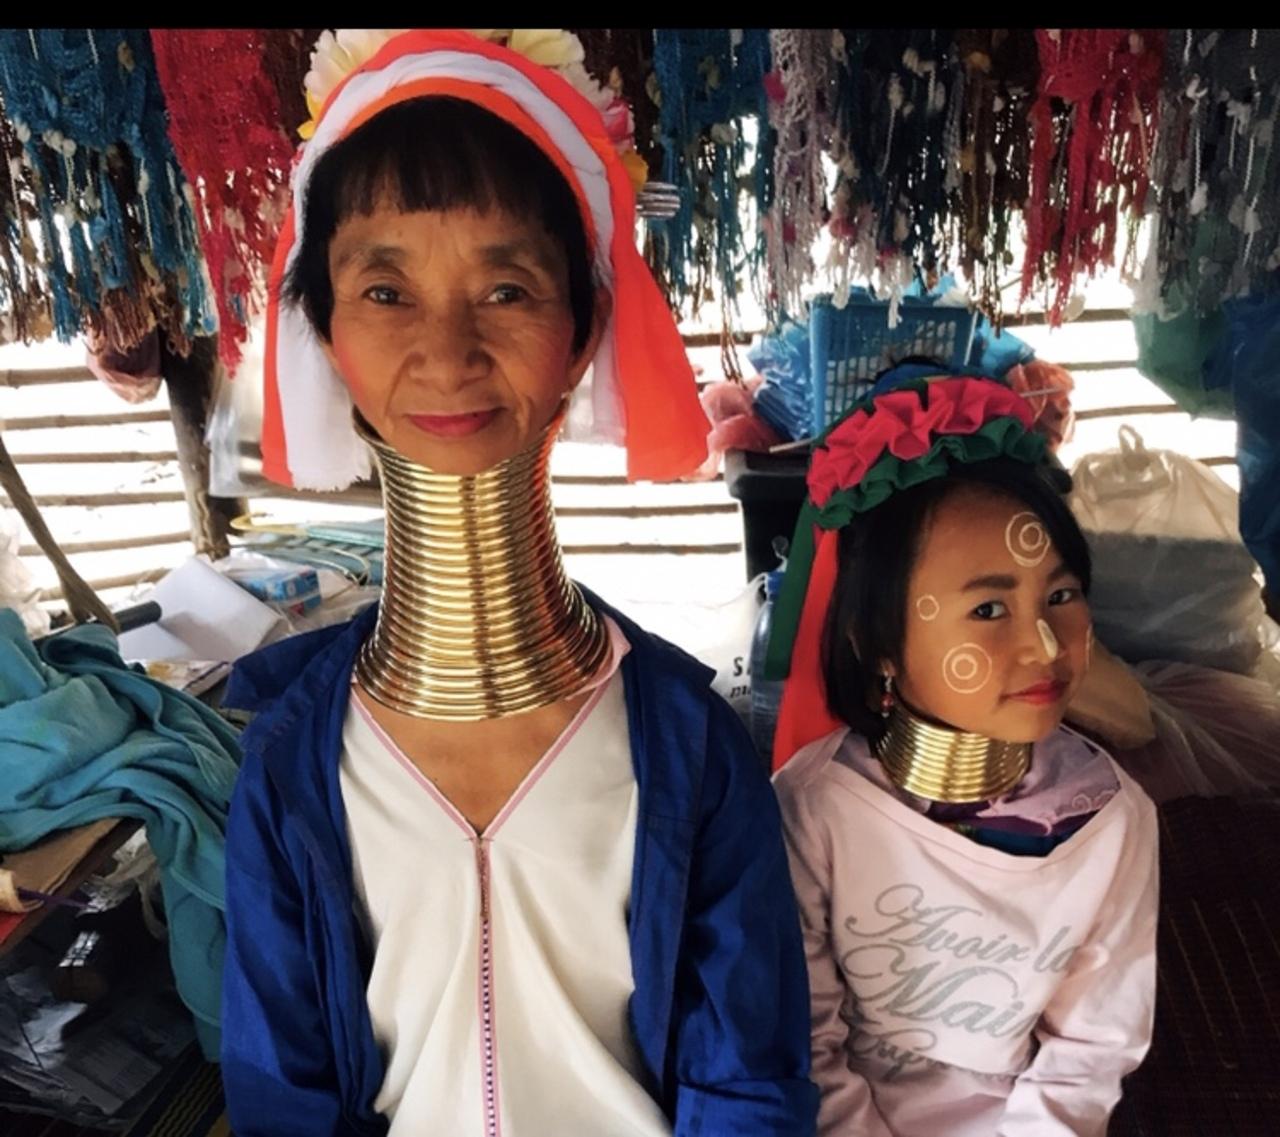 首長族の女性が美人・かわいい!怖い風習と衣食住・男性の画像もまとめ